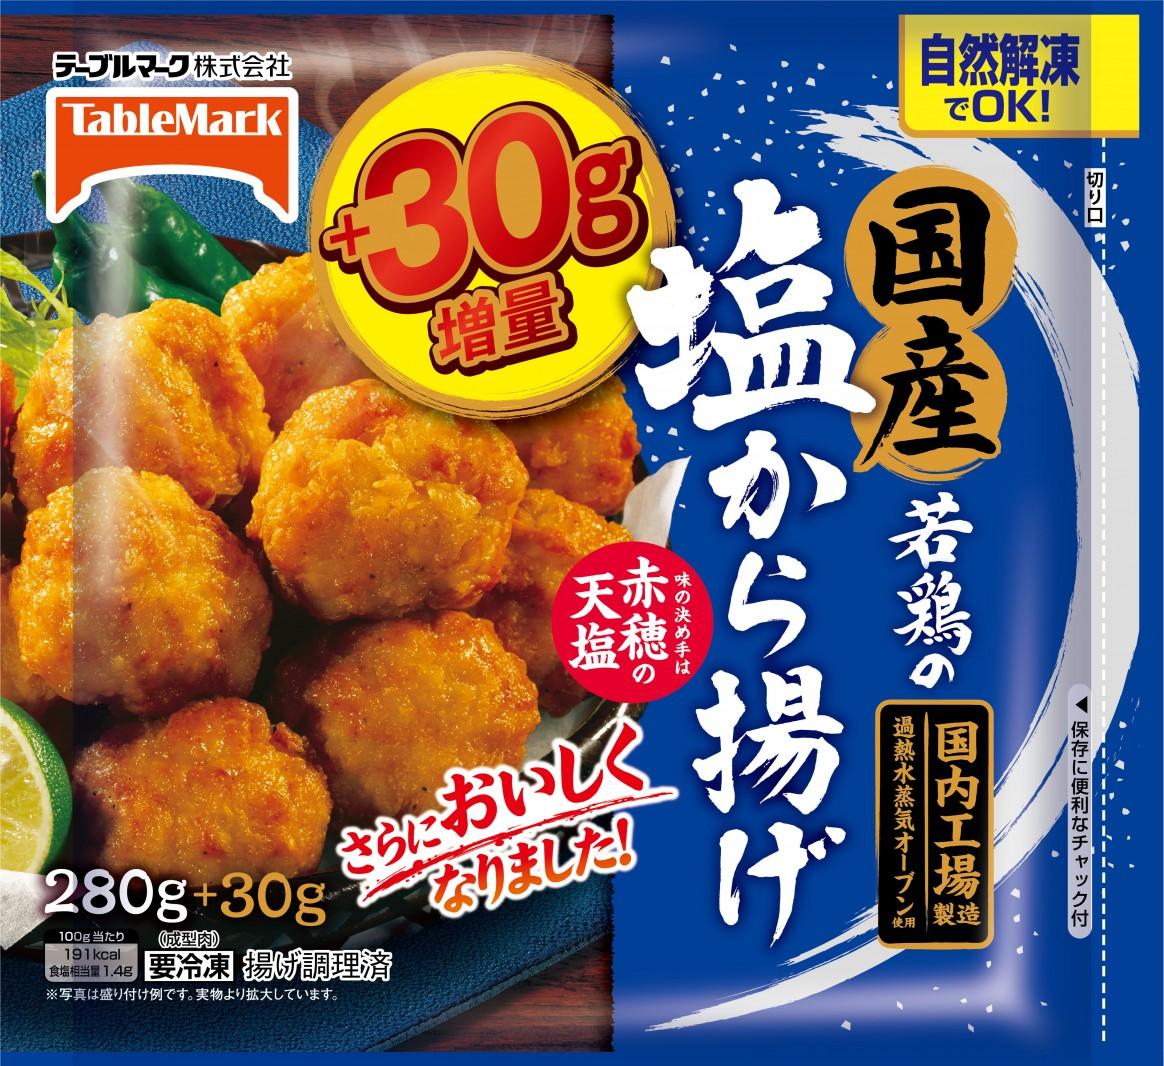 テーブルマーク「国産若鶏の塩から揚げ」+30g 数量限定発売